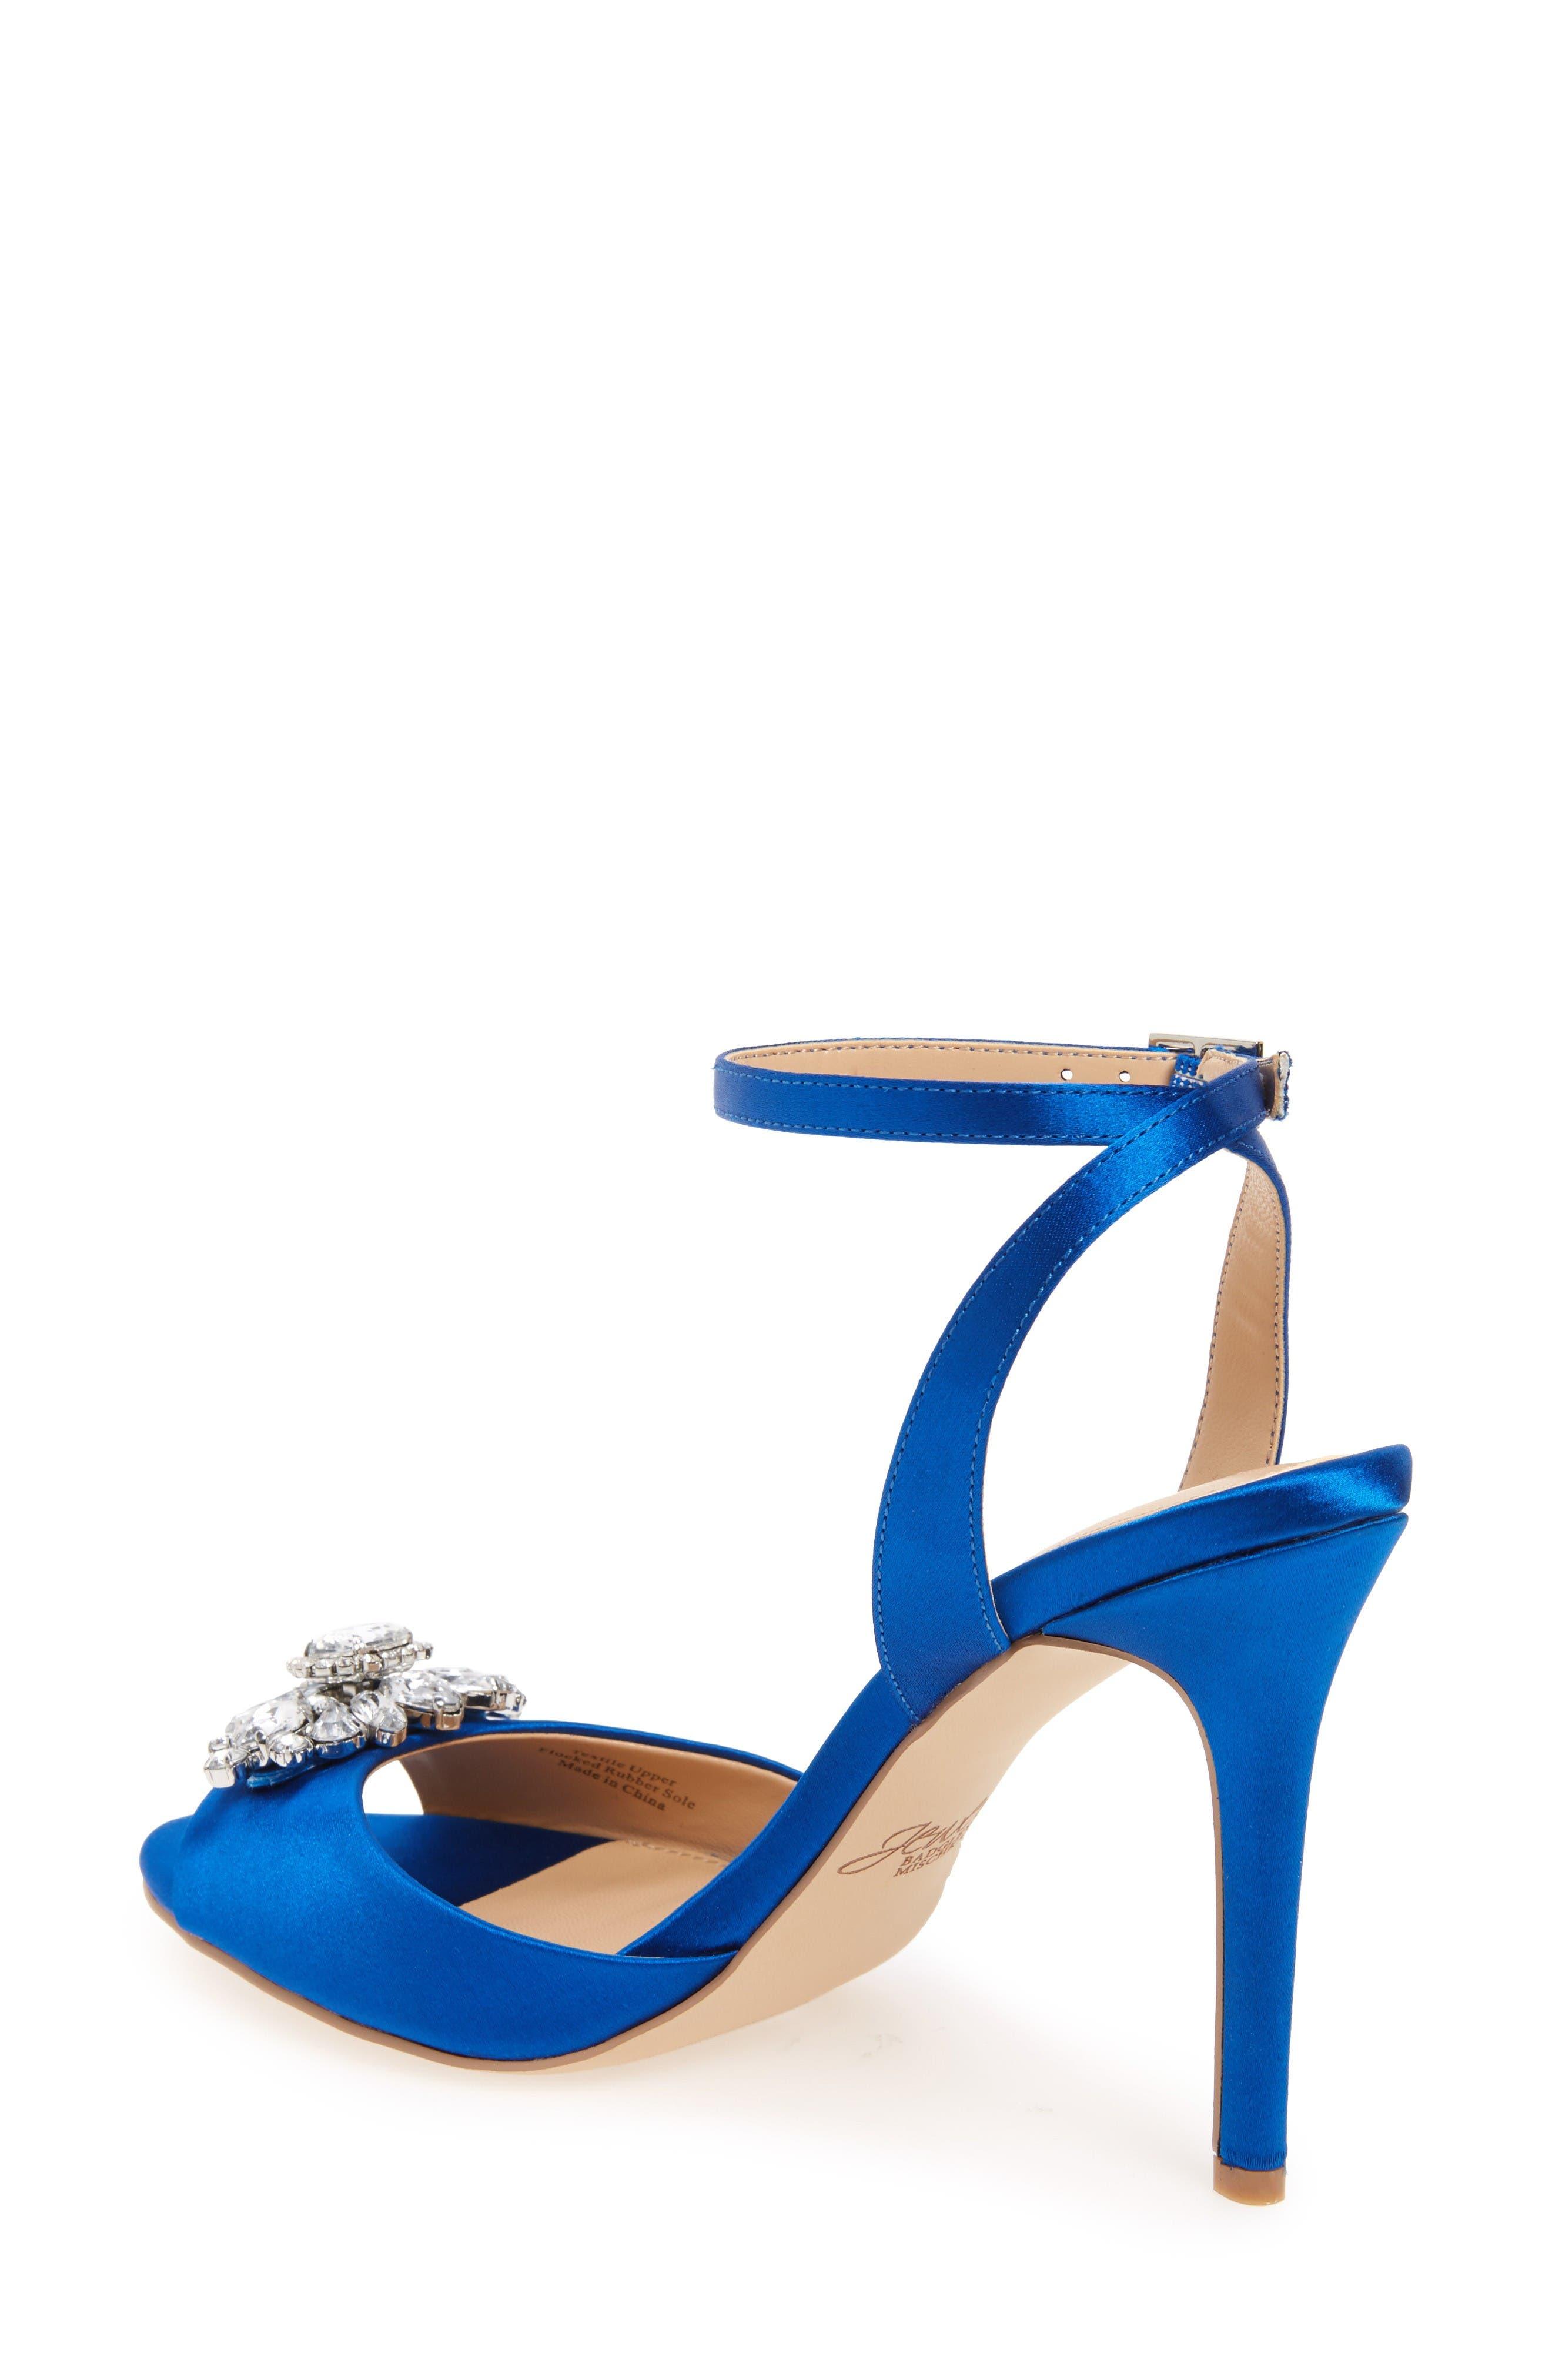 Hayden Embellished Ankle Strap Sandal,                             Alternate thumbnail 2, color,                             Blue Satin